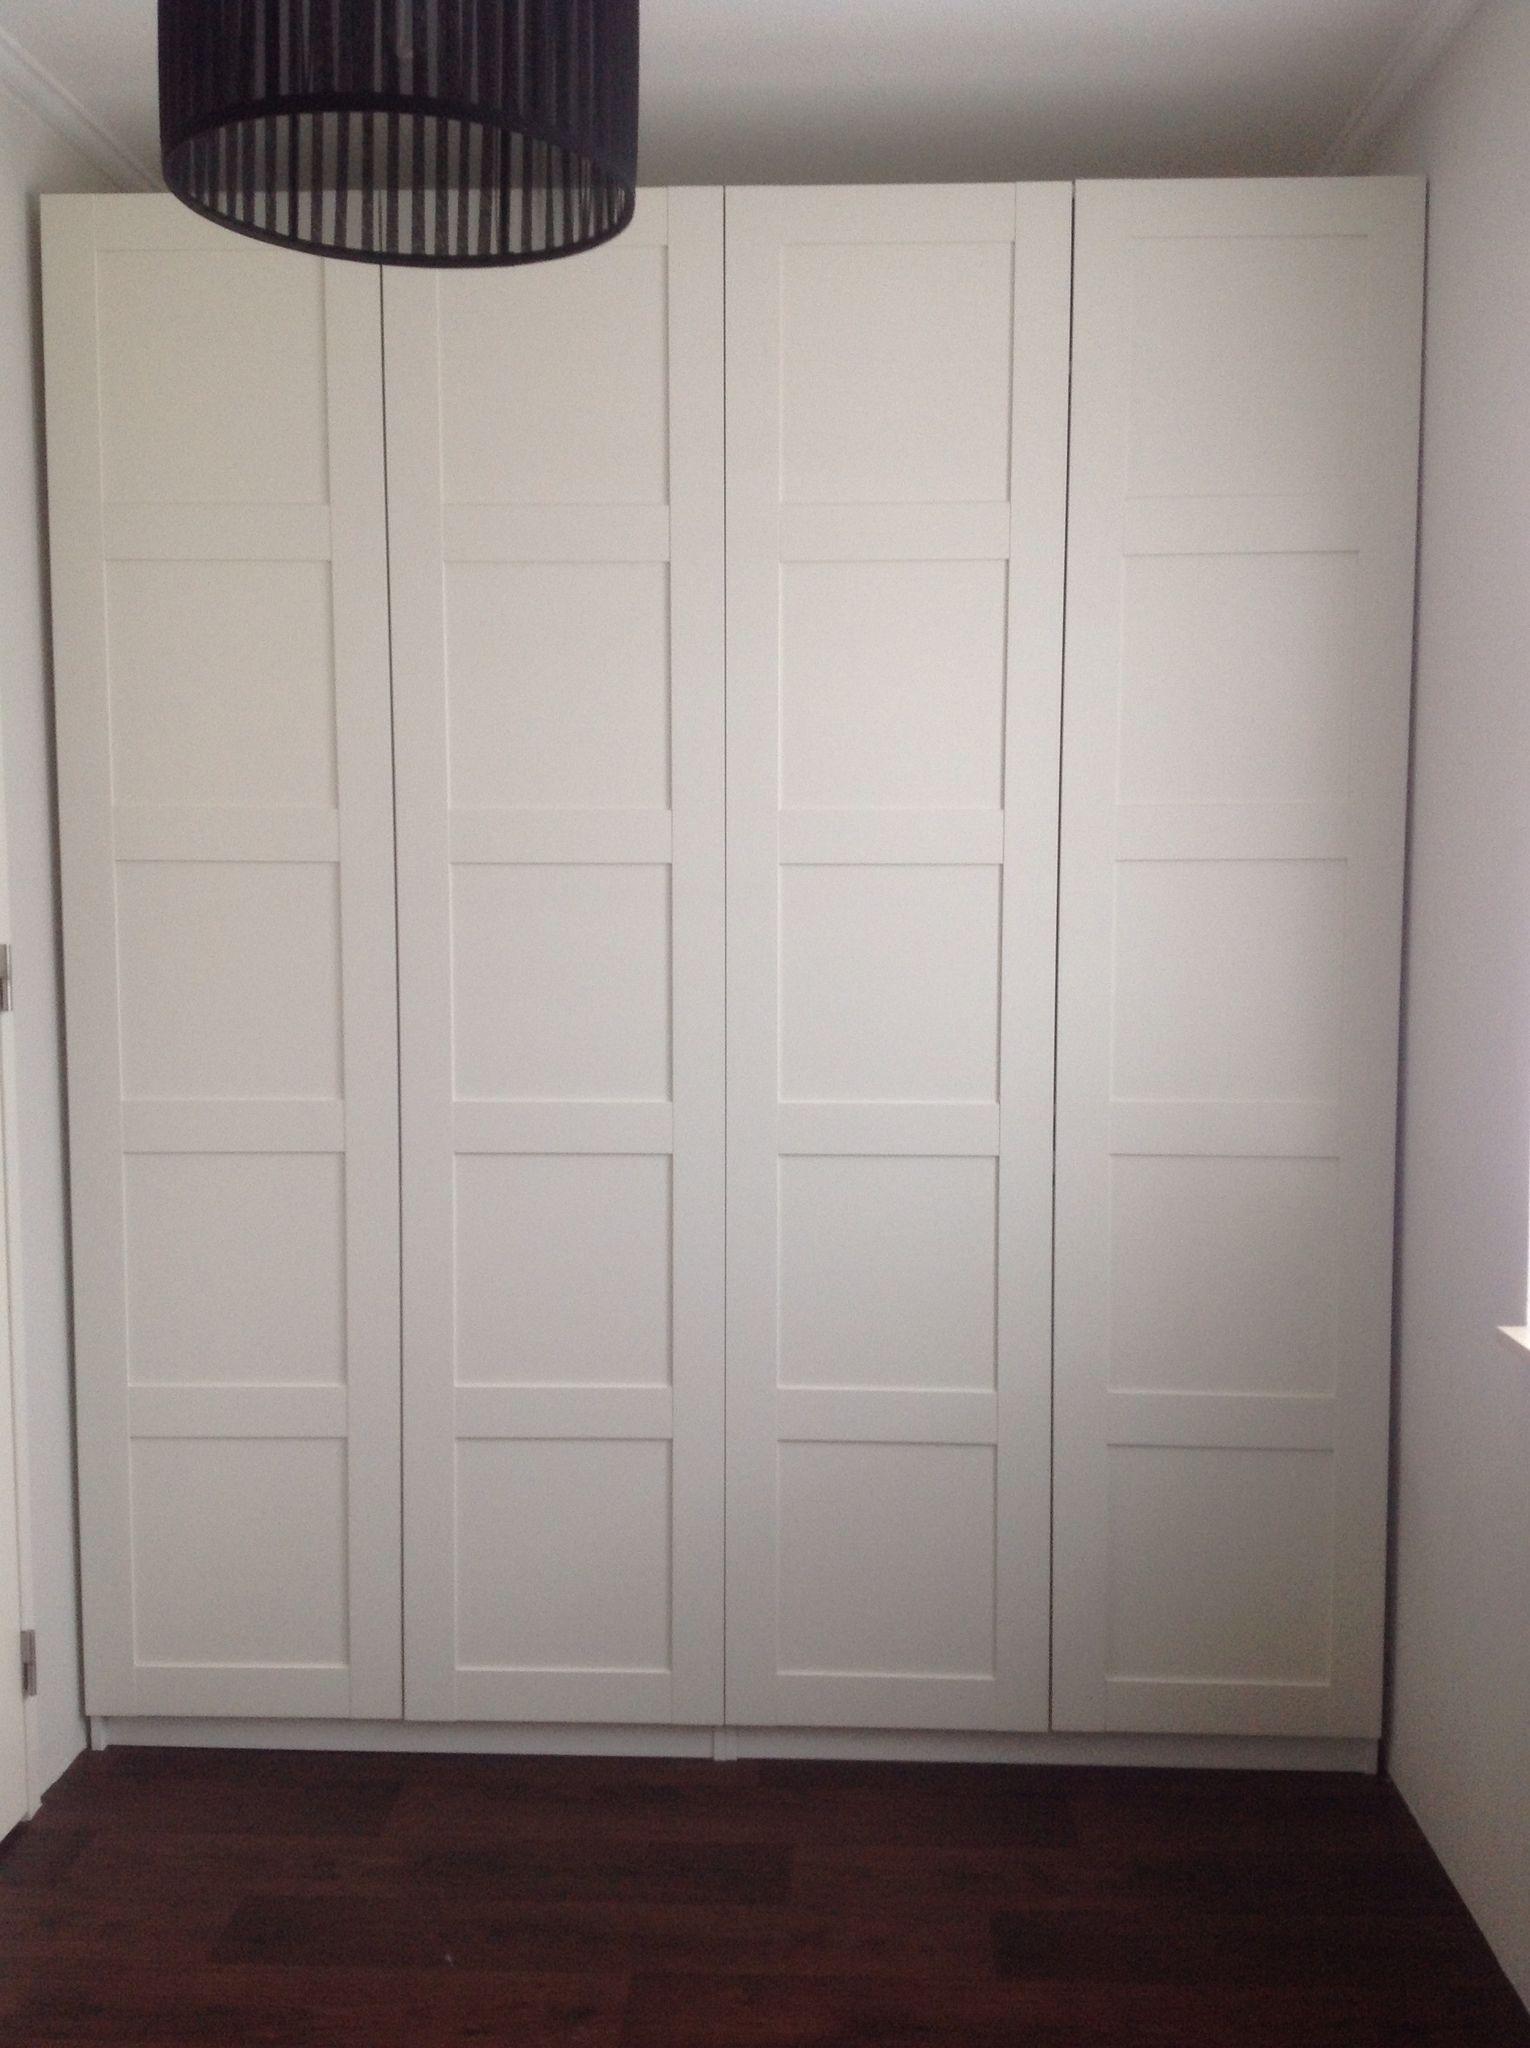 Pax Wardrobe Ikea Amp Bergsbo Doors Algot In 2019 Ikea